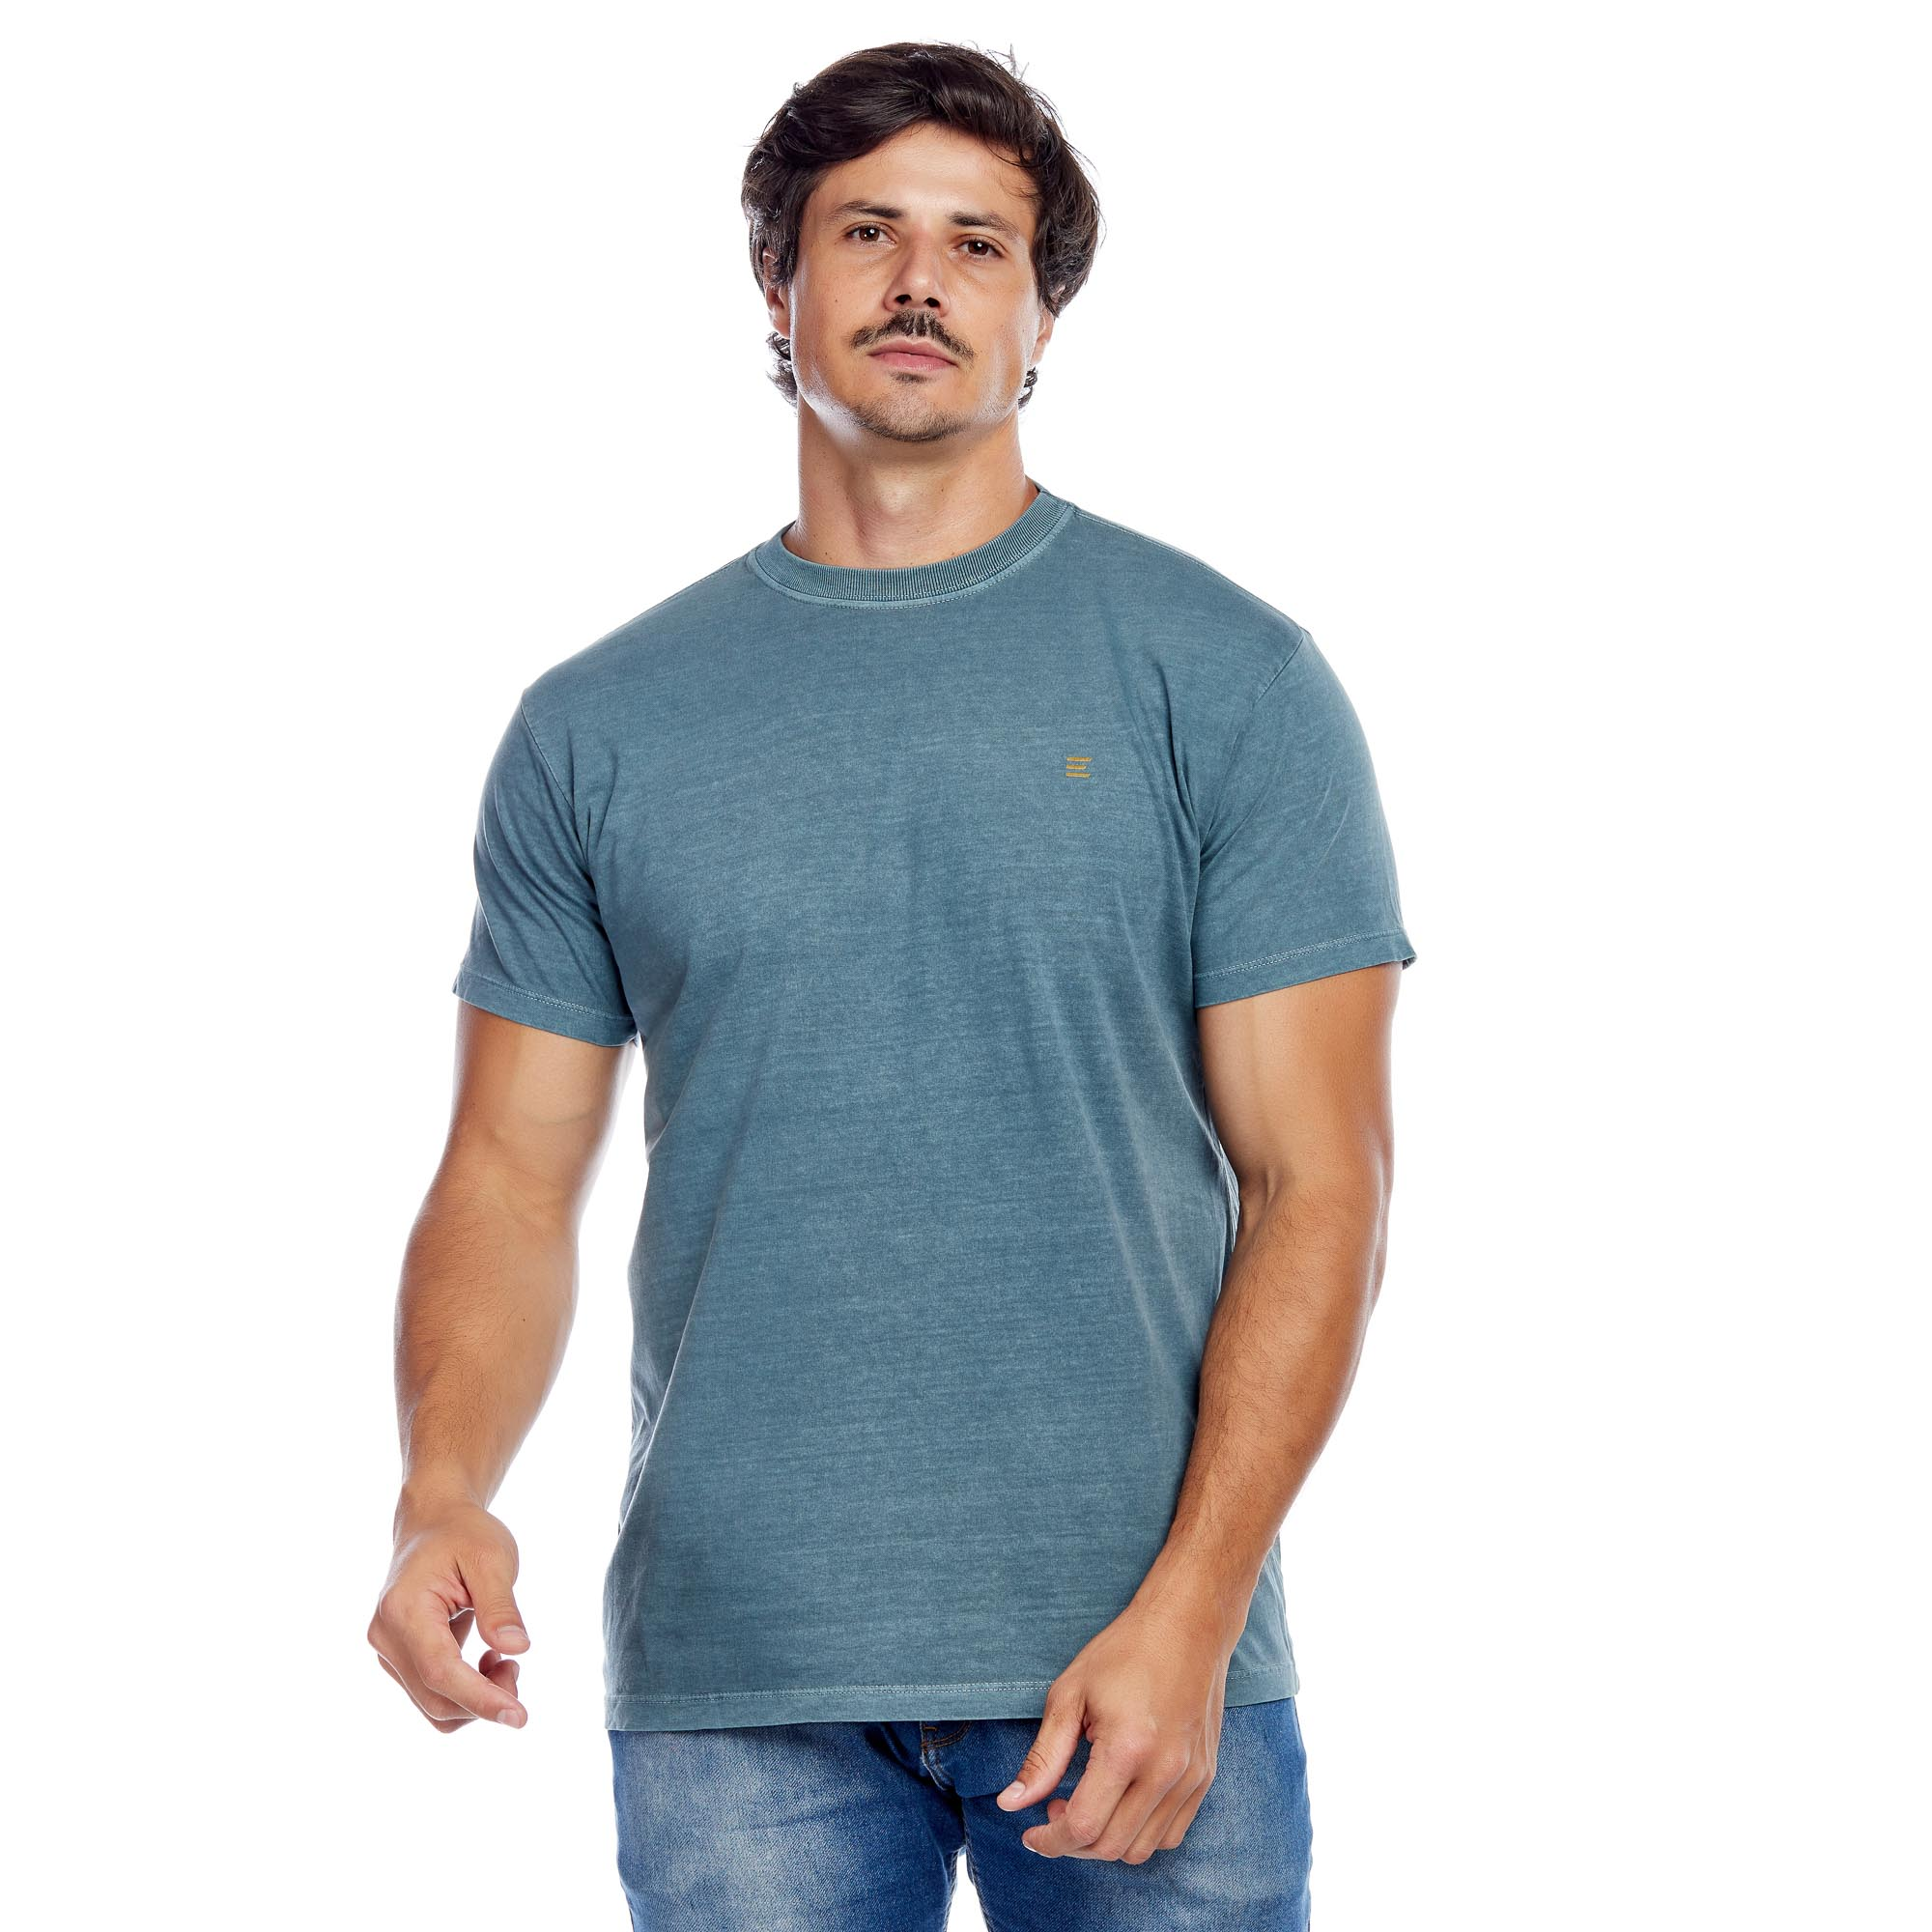 Camiseta Masculina Estonada Evolvee